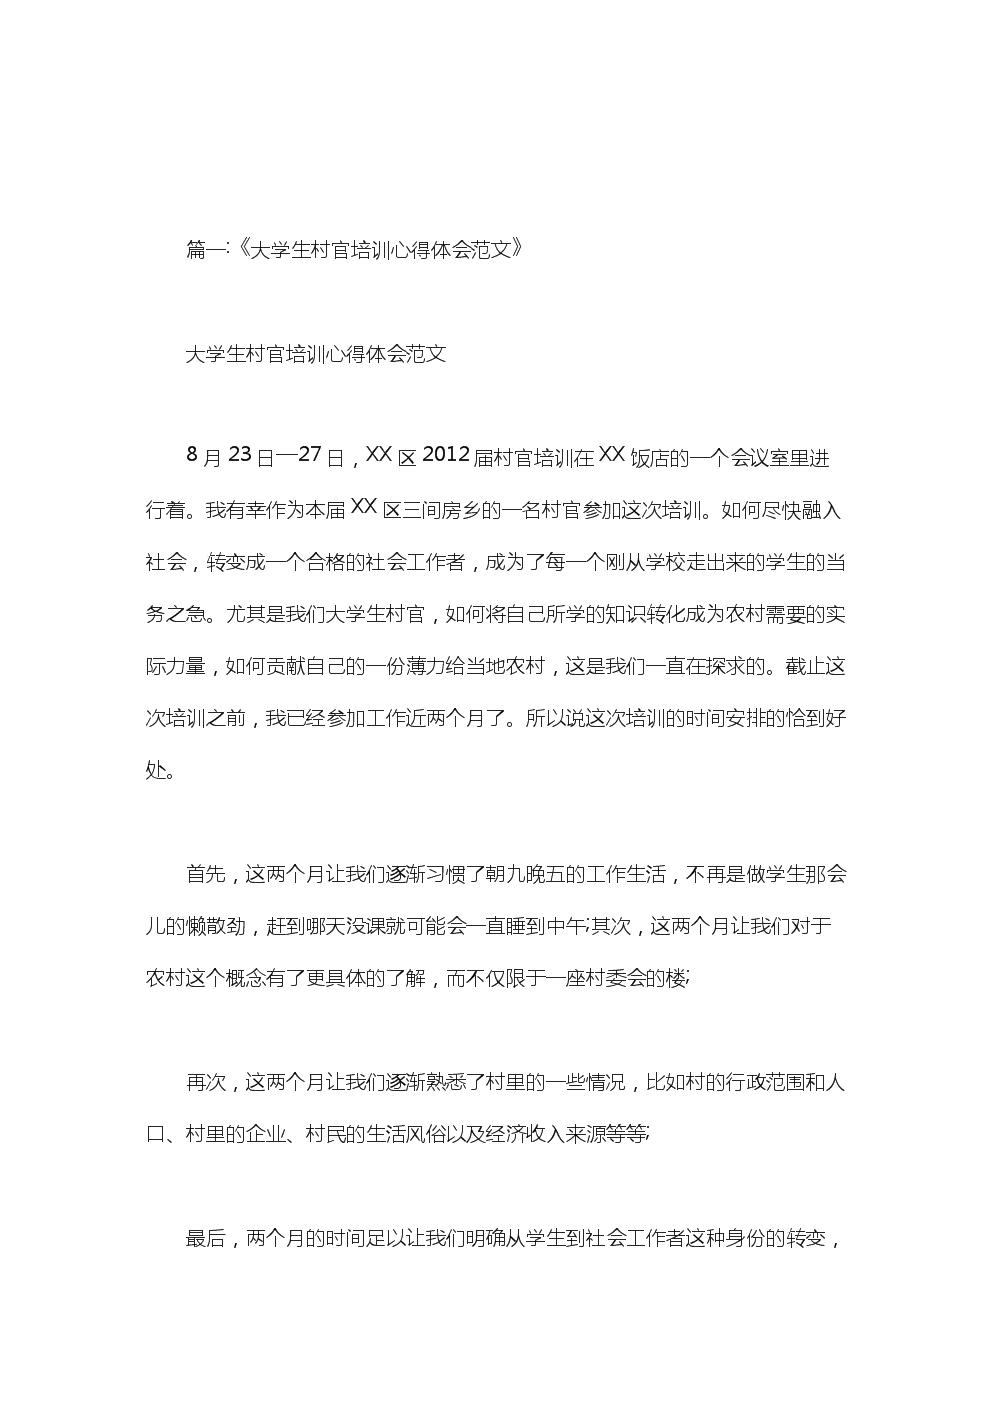 大学生村官培训网学习心得体会范文.doc